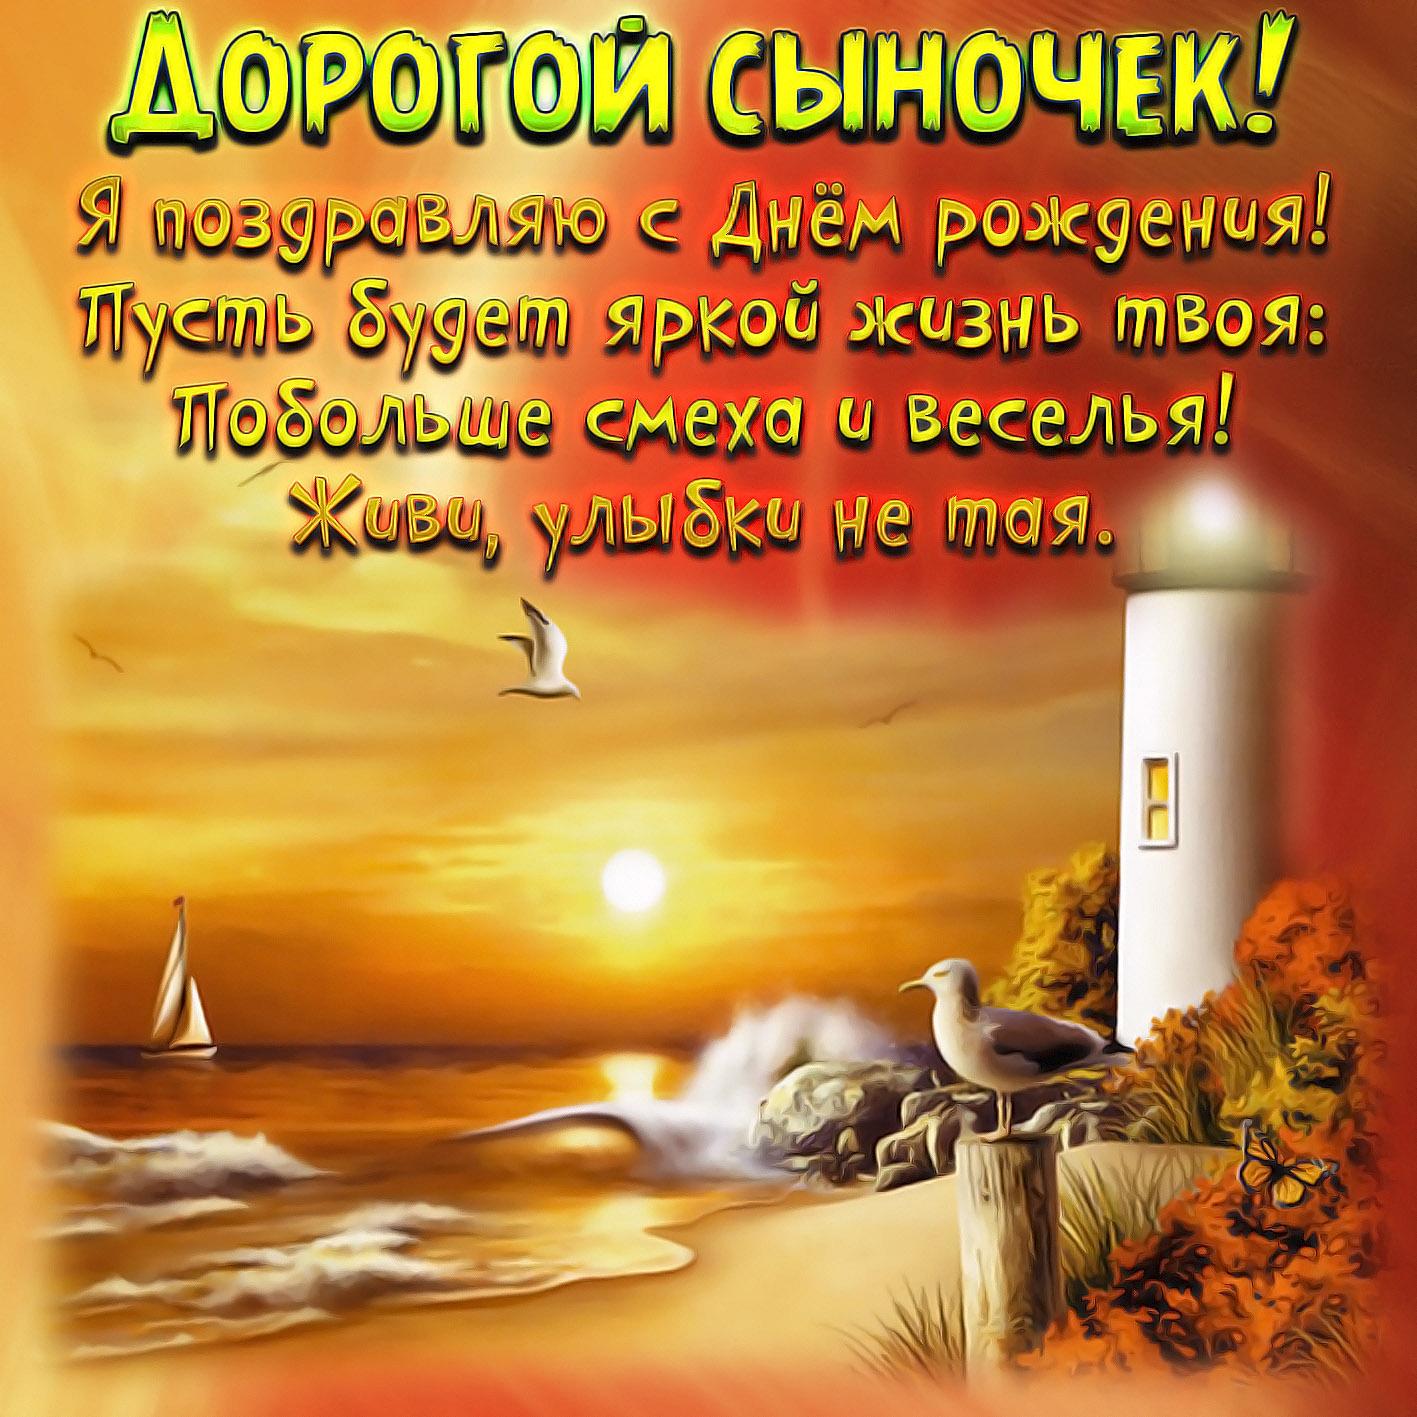 Месяцами, поздравление сыну от родителей с днем рождения открытки